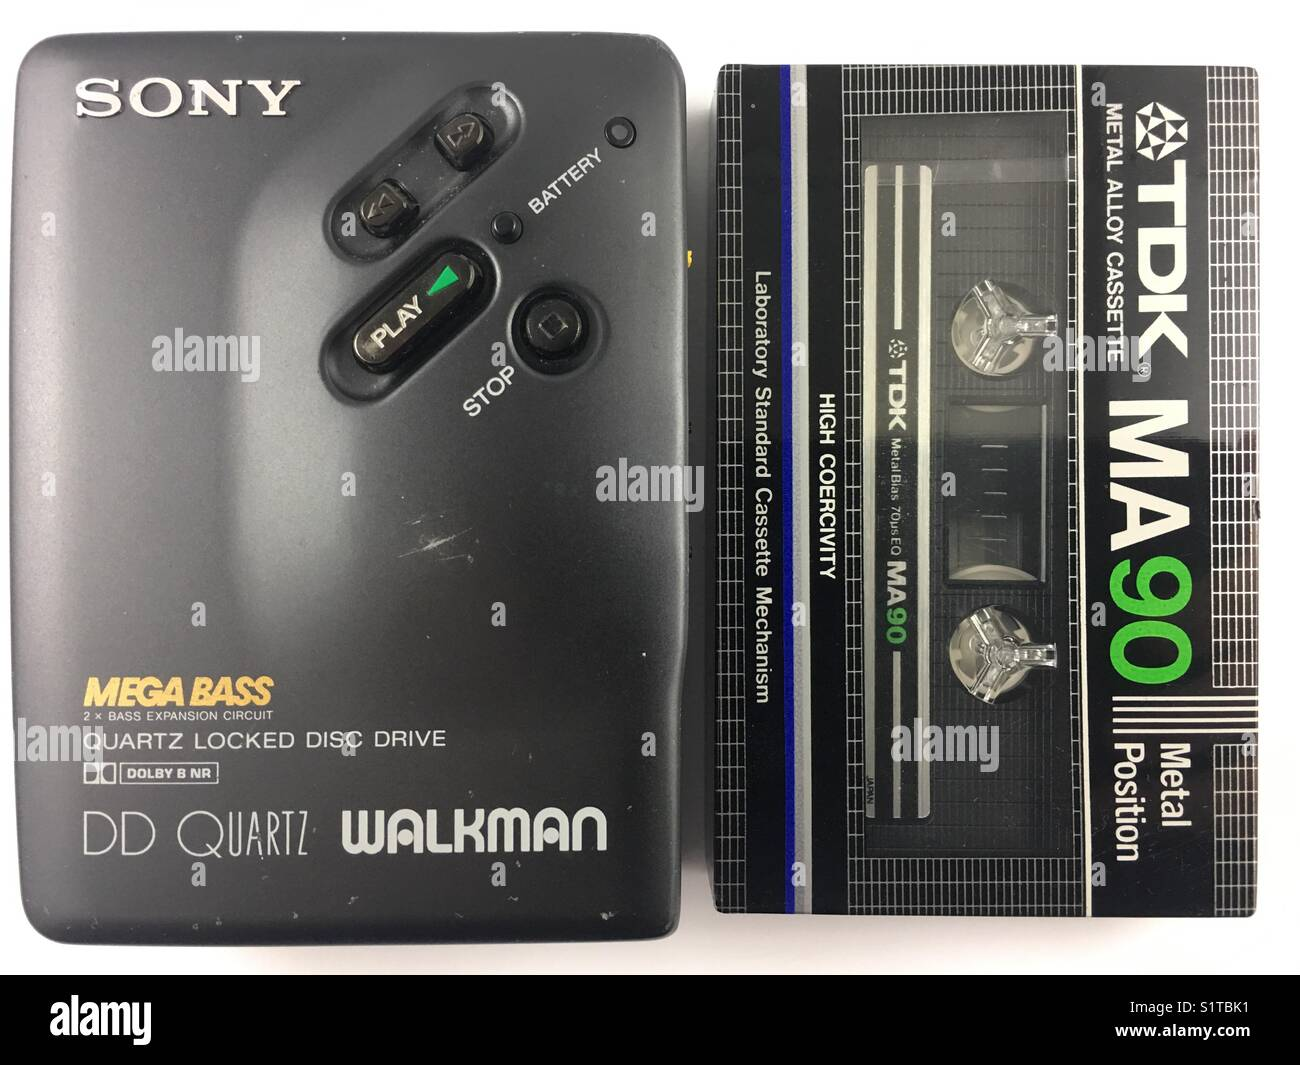 Sony cassette Walkman alongside a TDK metal cassette tape. - Stock Image